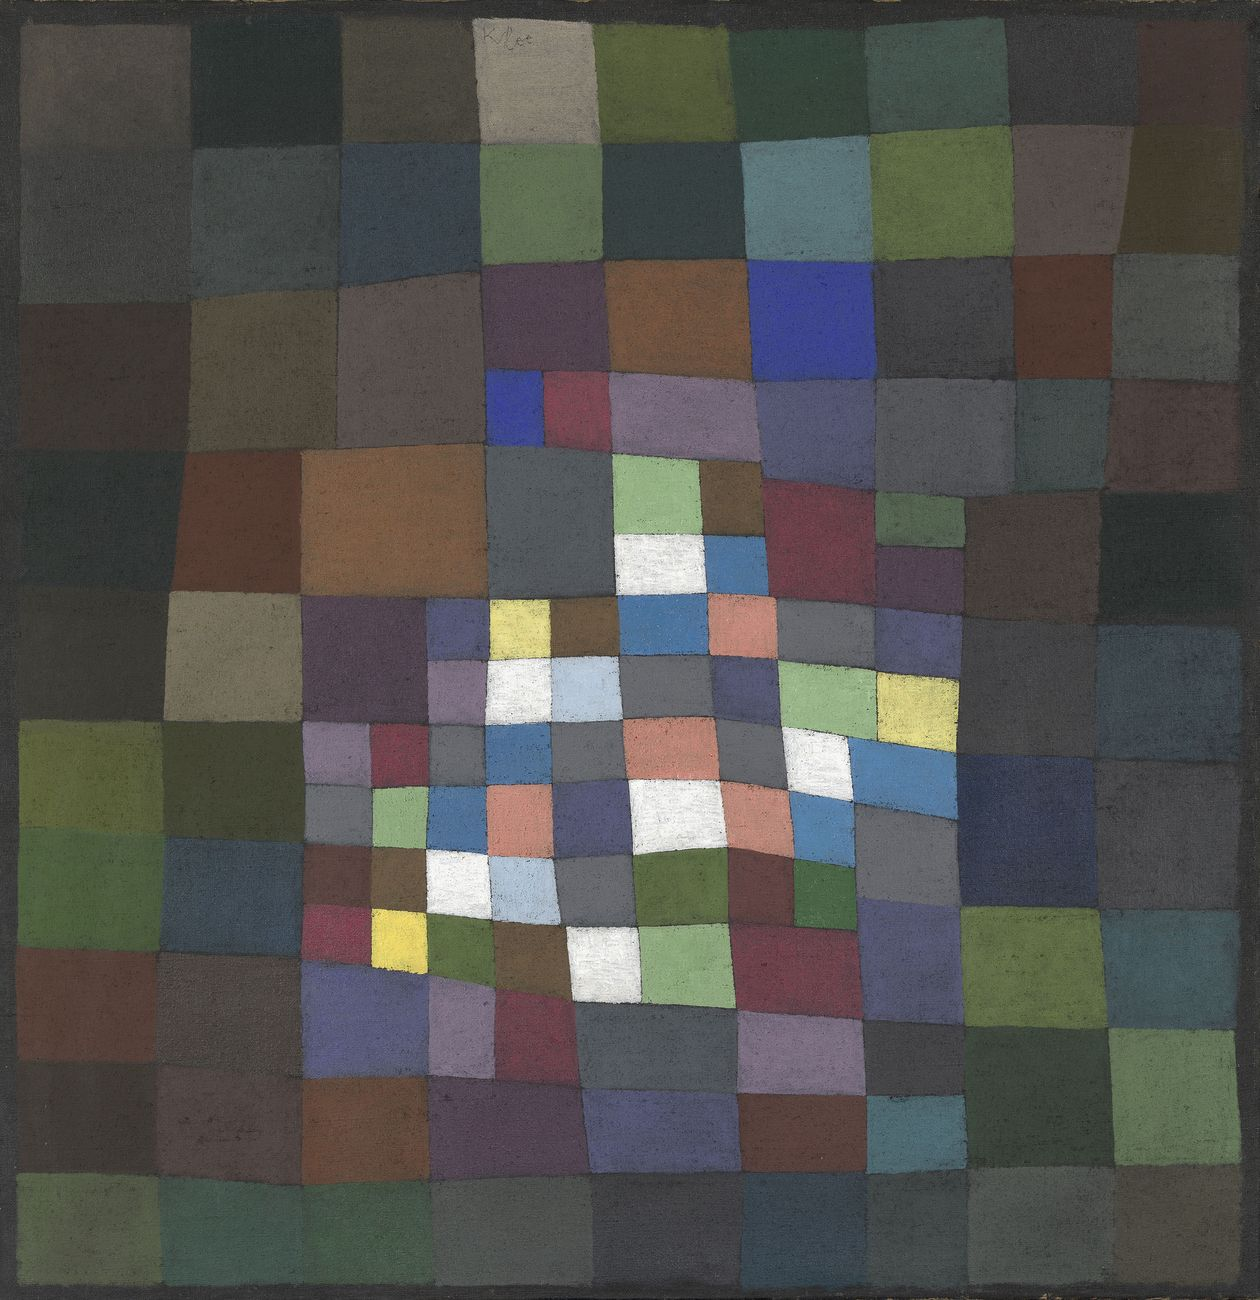 Paul Klee, Blühendes, 1934. Musée des Beaux Arts de Winterthour. Photo © Institut suisse pour l'étude de l'art, Zurich, Philipp Hitz